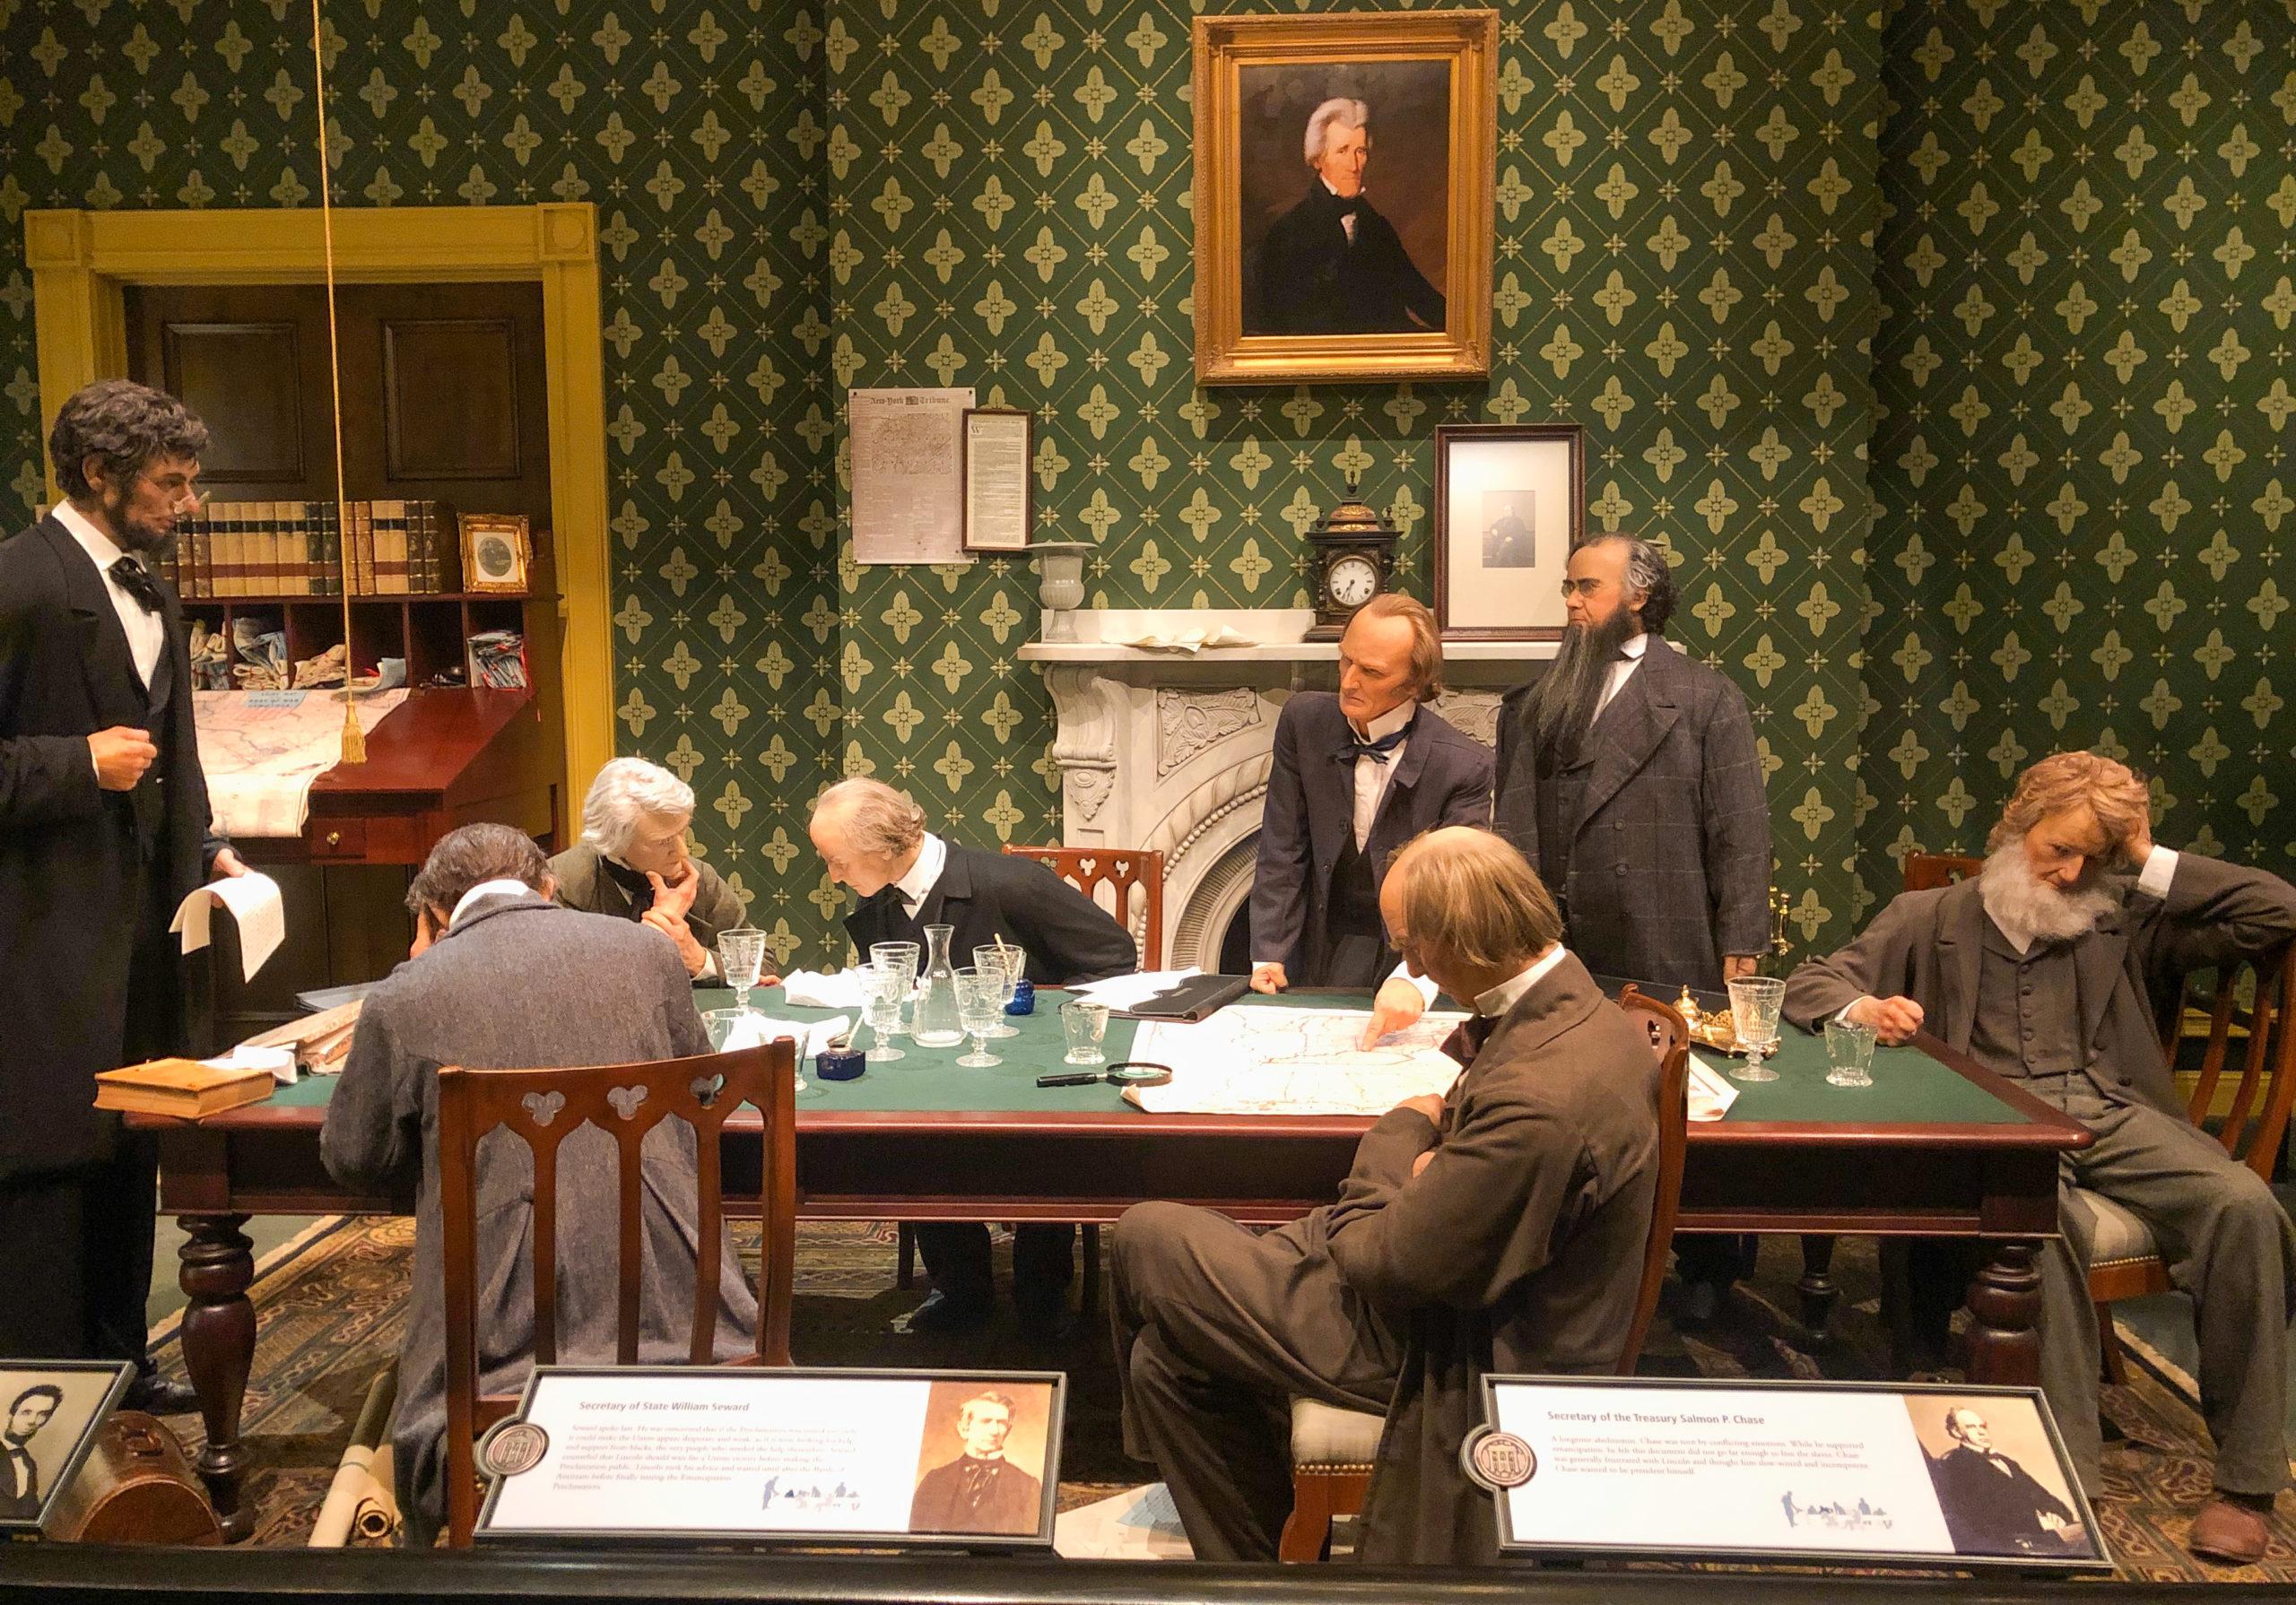 Szene mit historischen Figuren aus dem Abraham Lincoln Presidential Museum and Library